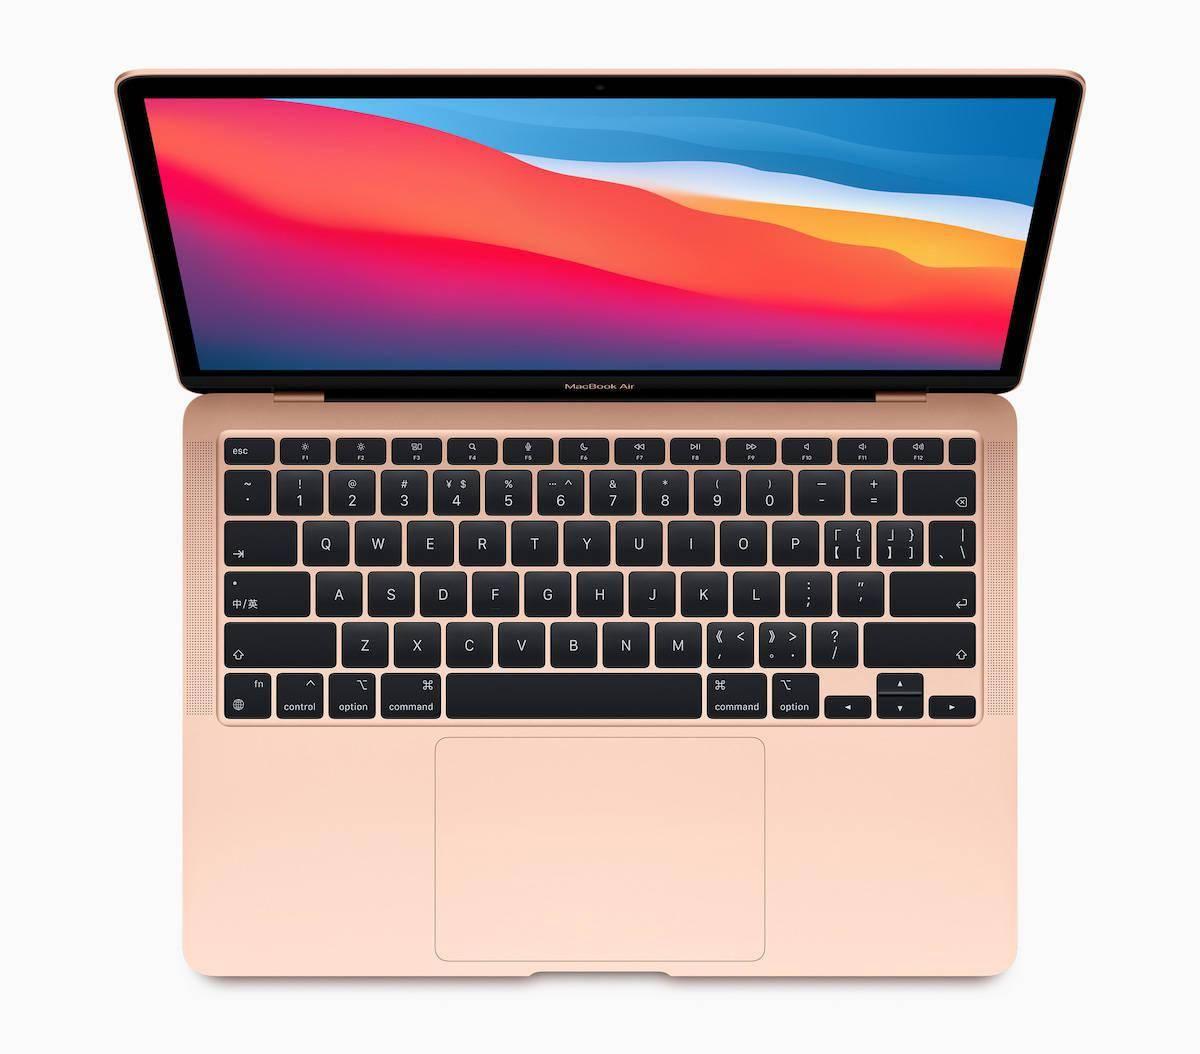 苹果推出搭载 M1 芯片的新款 MacBook Air